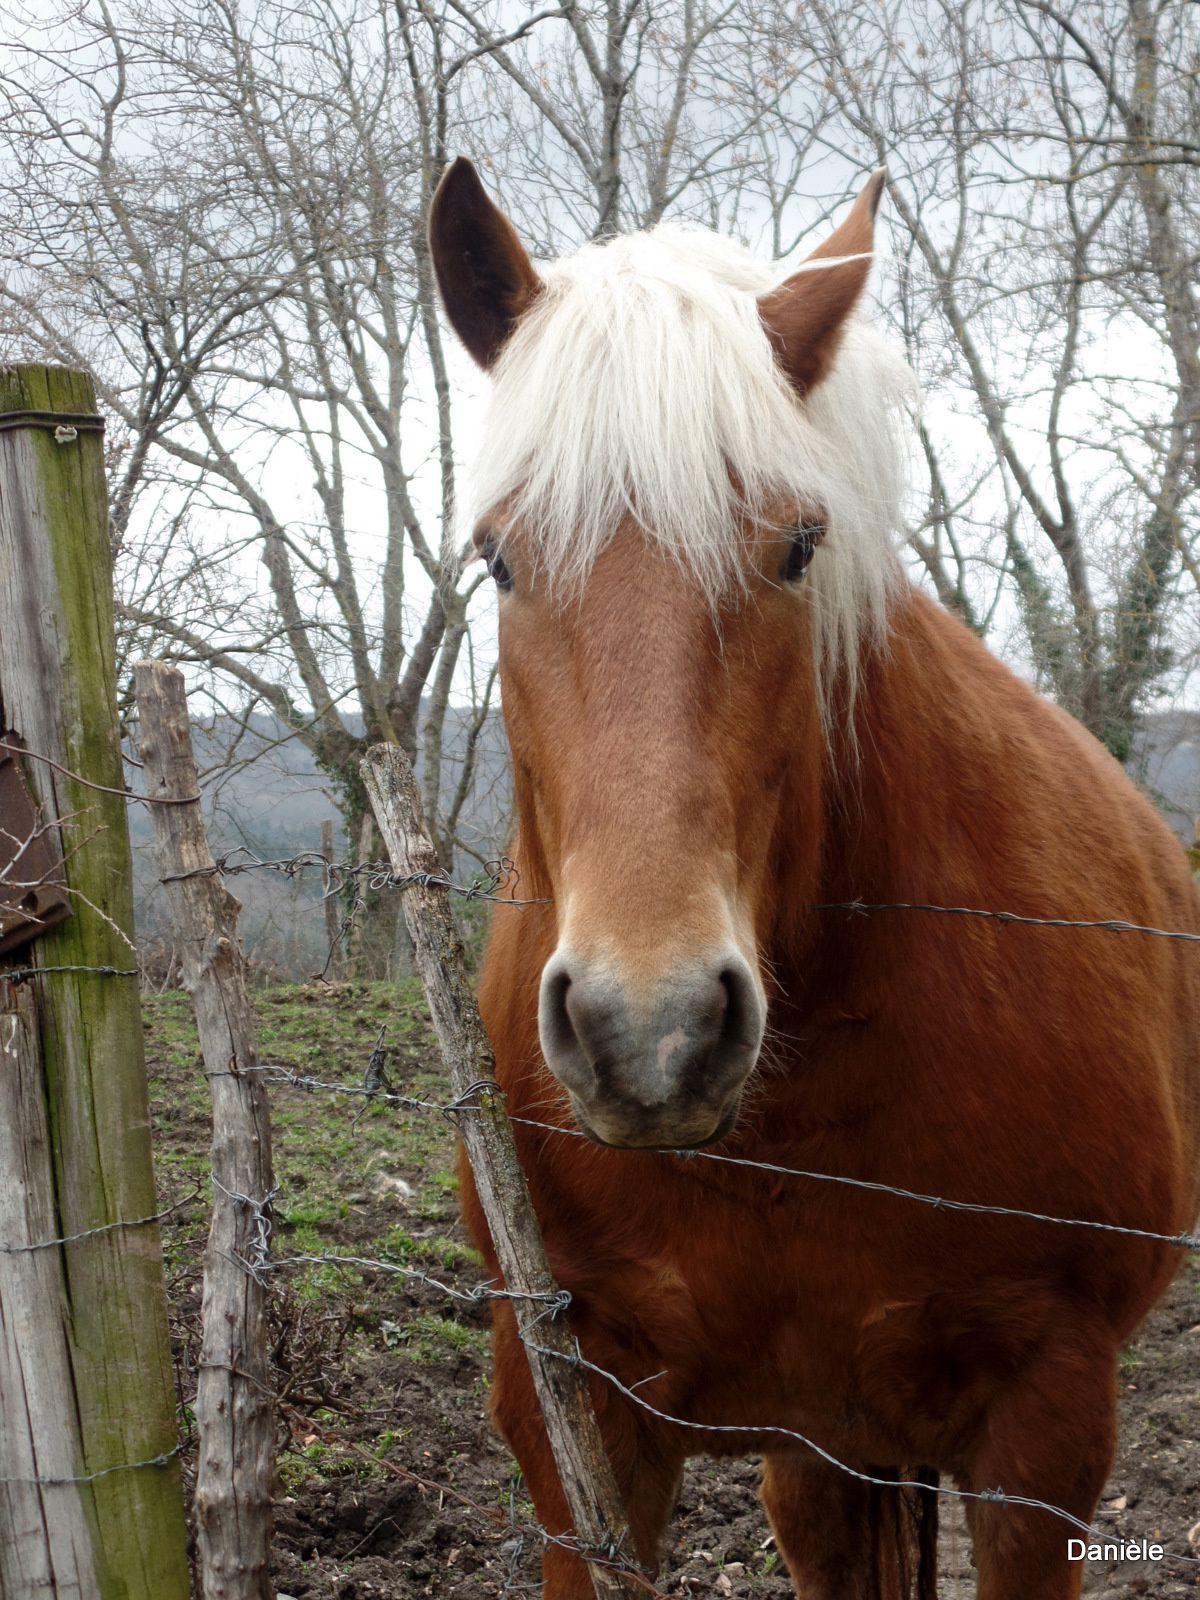 Pauvres bêtes, elles vont finir dans nos assiettes, sauf ce beau cheval (enfin j'espère).